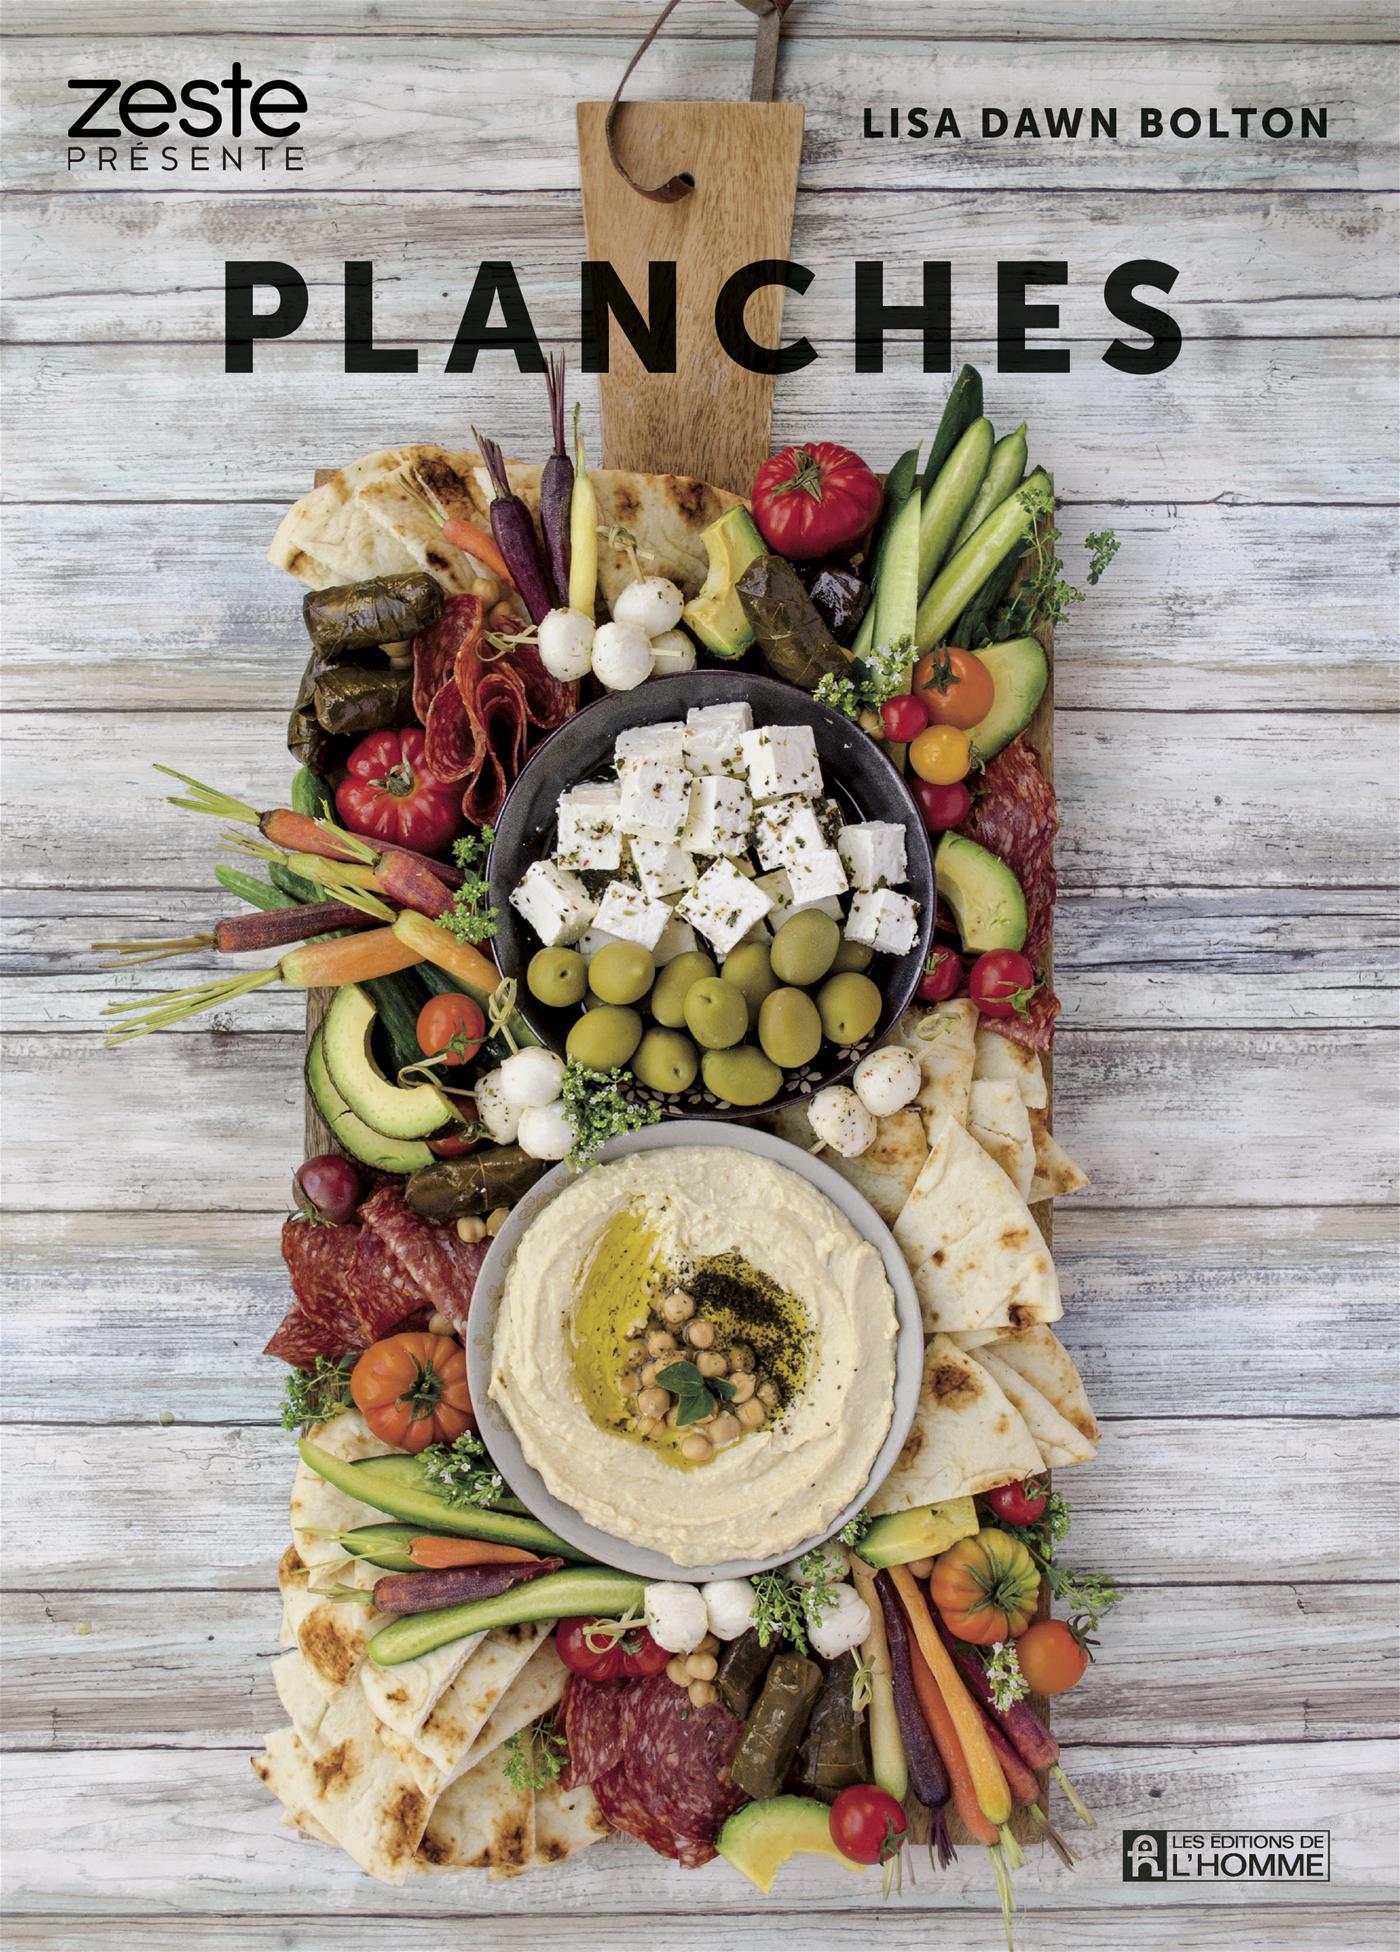 Planches de Lisa Dawn Bolton livres de recettes